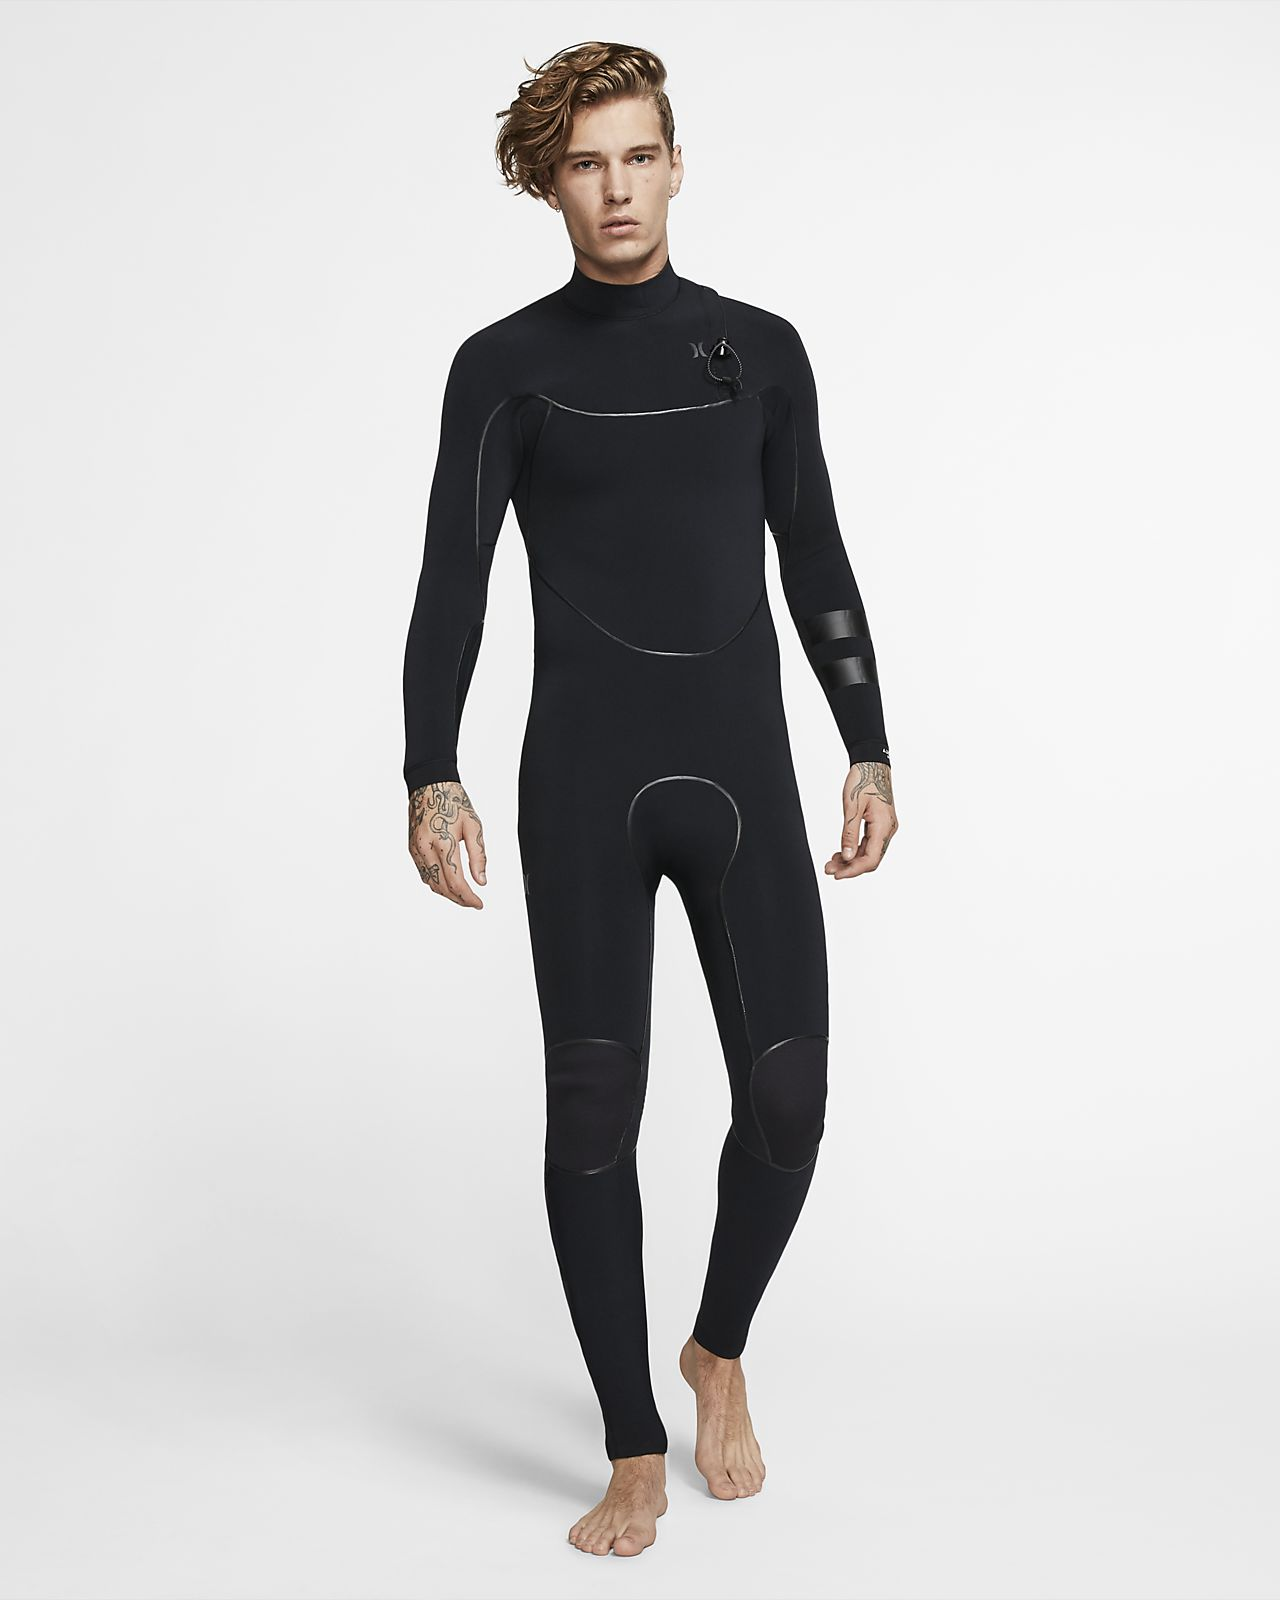 Hurley Advantage Max 4/3mm Fullsuit Men's Wetsuit